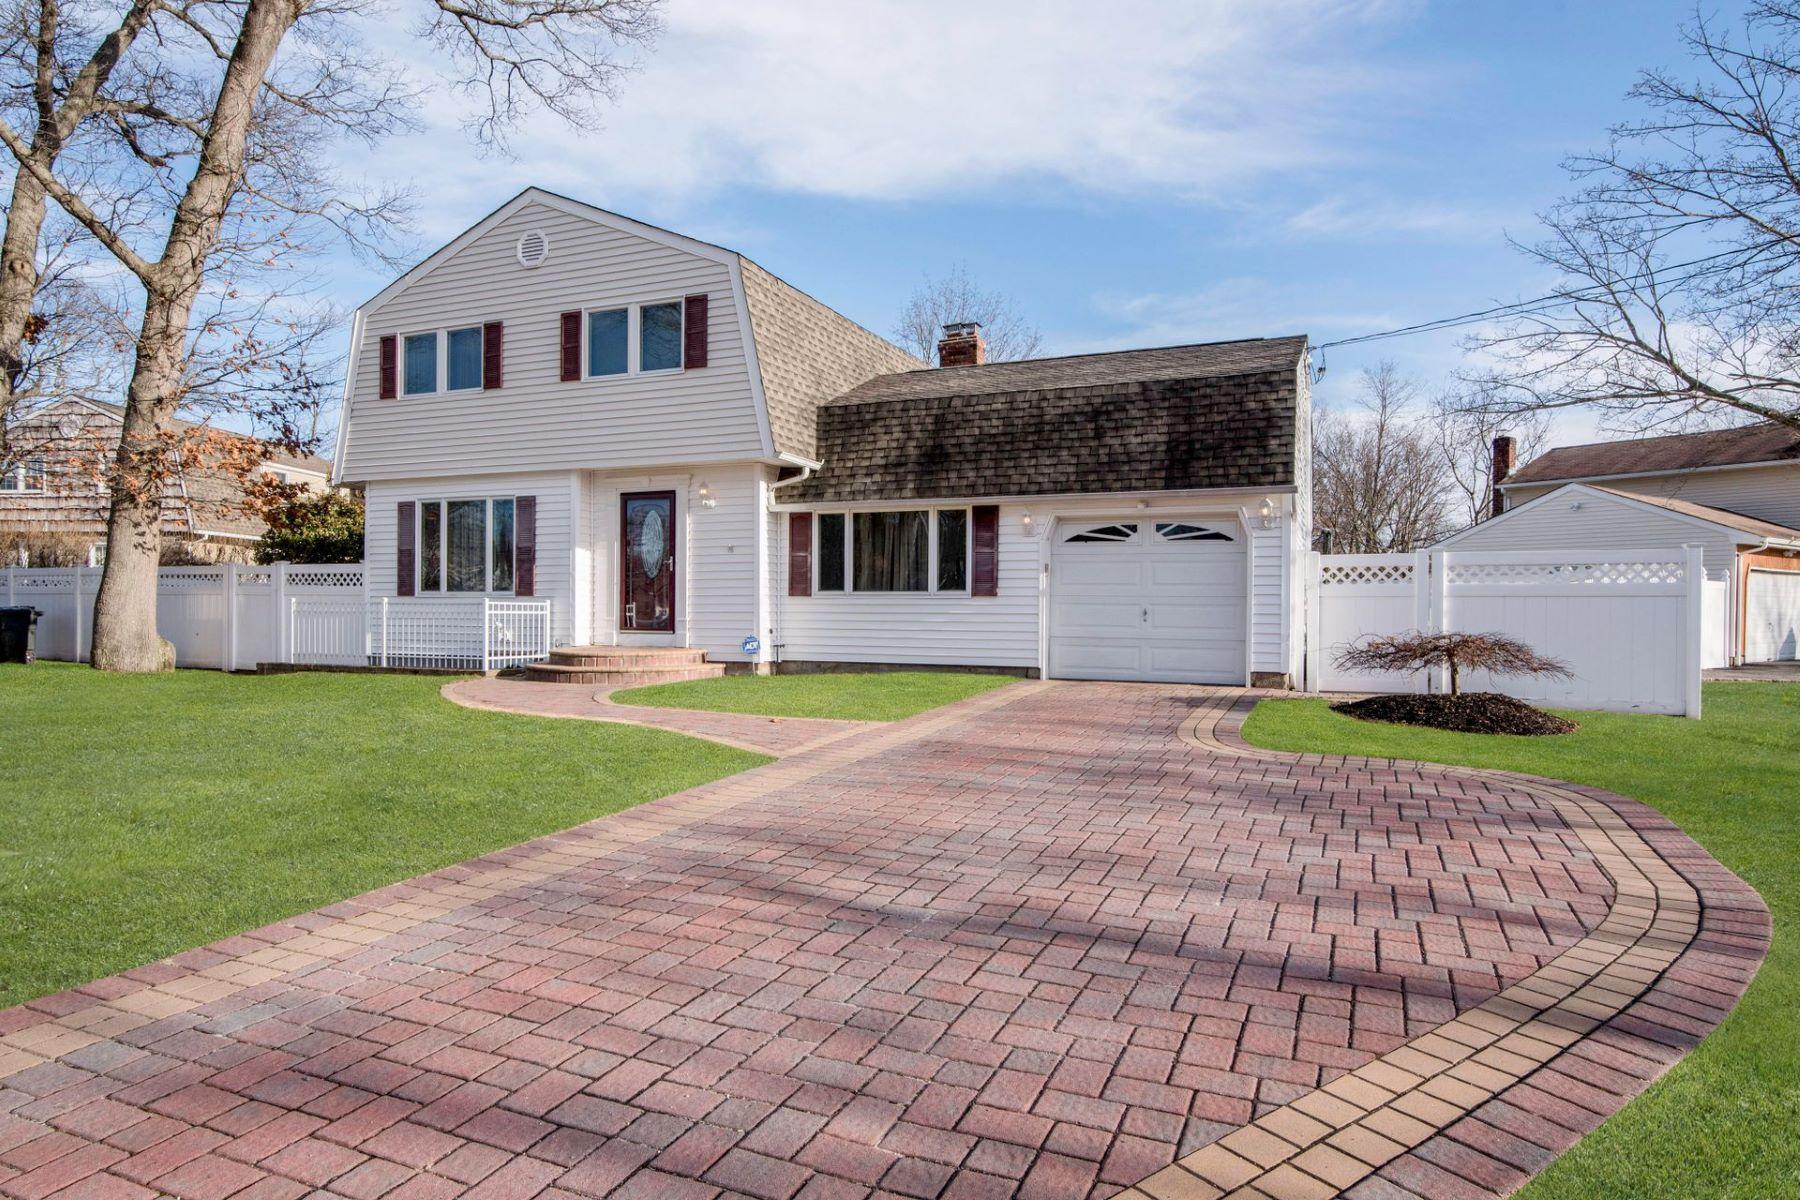 Maison unifamiliale pour l à vendre à 5 Brandy Ct , Lake Grove, NY 11755 5 Brandy Ct, Lake Grove, New York, 11755 États-Unis